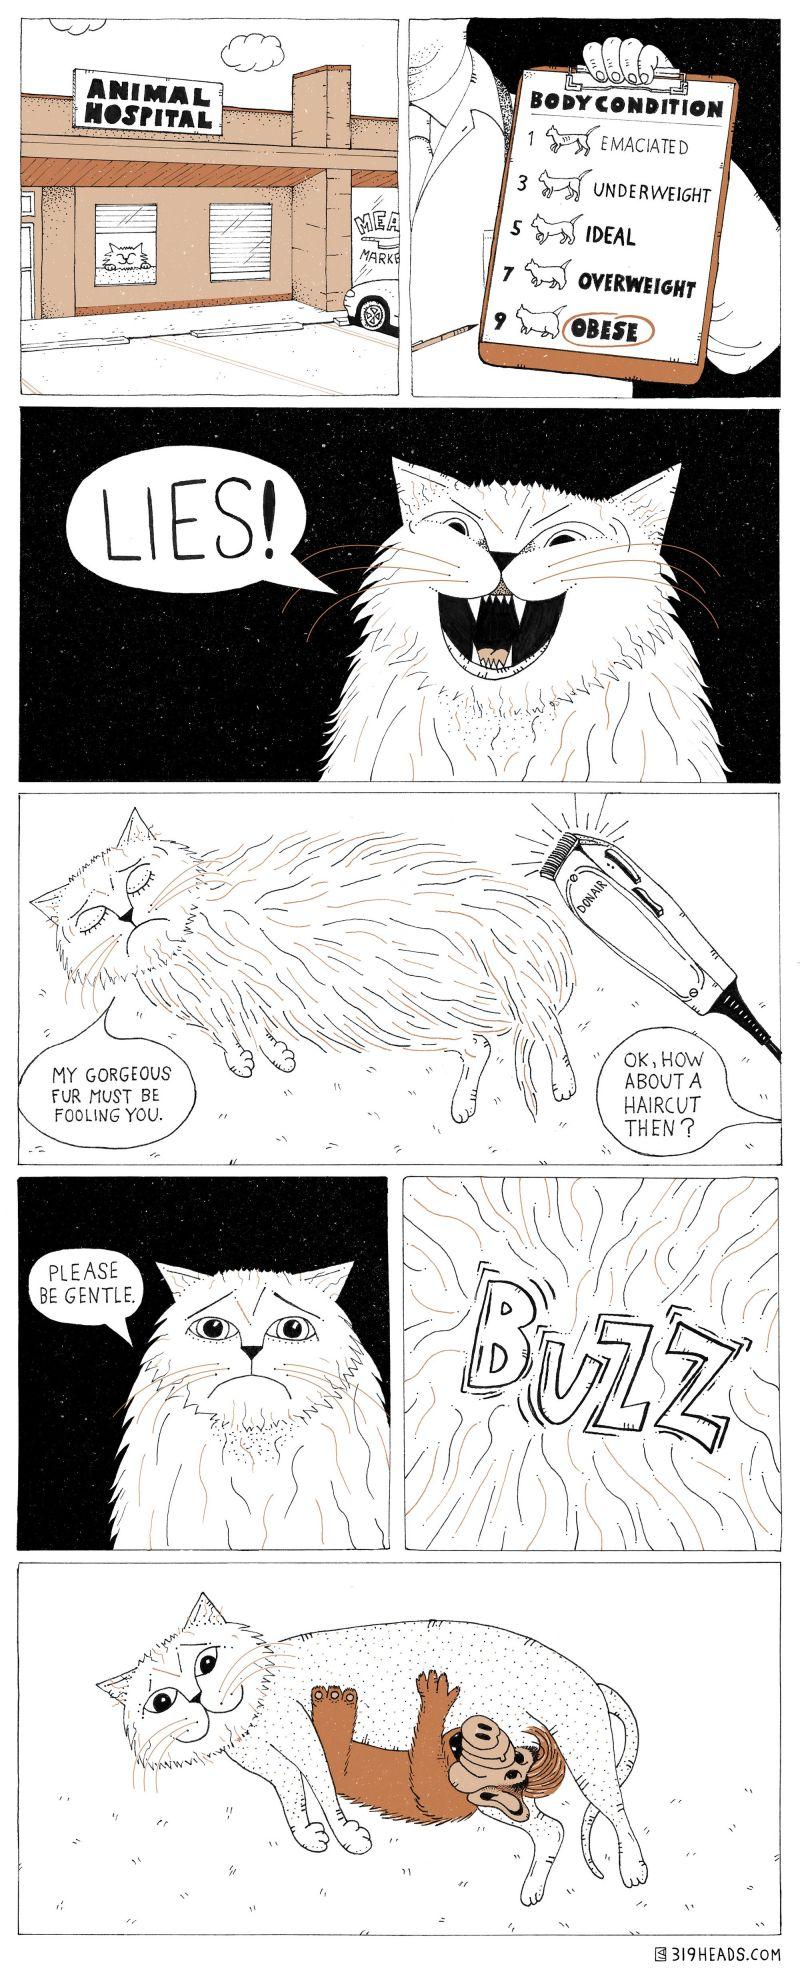 319 Heads Comics - 001: Little Gordon